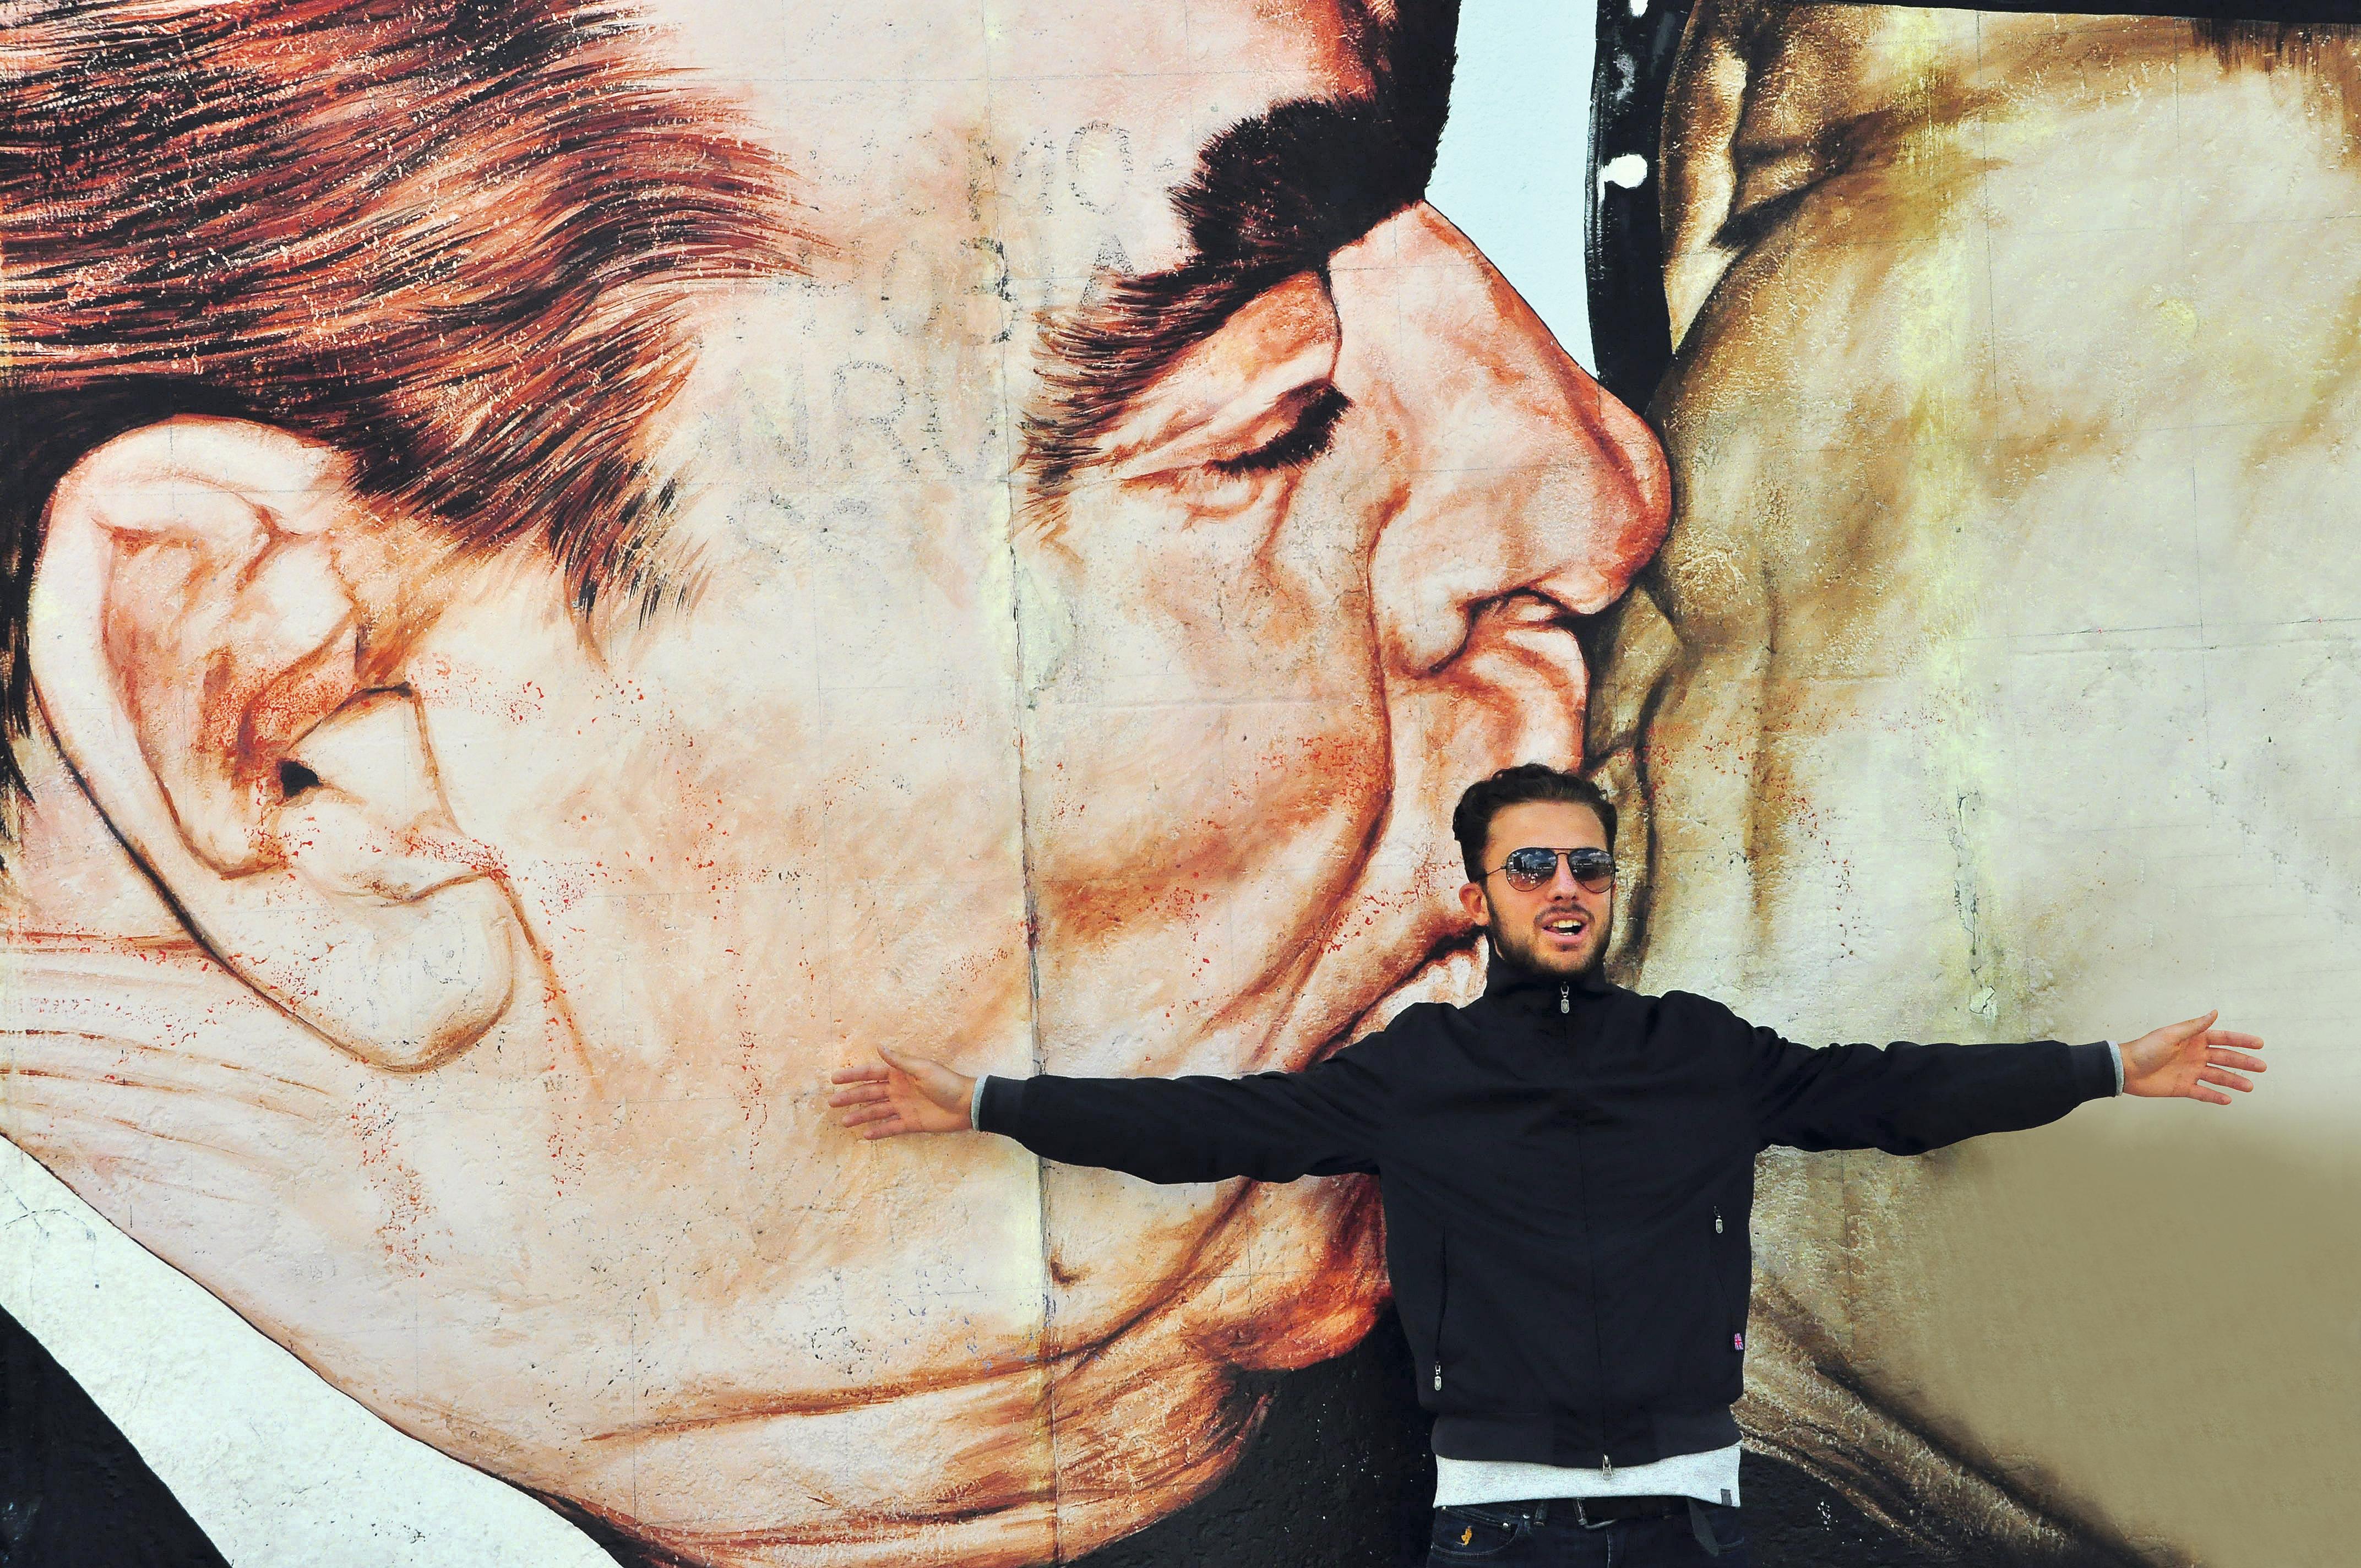 Beijaço de Honecker com Brejnev no East Side Gallery, Berlim, Alemanha